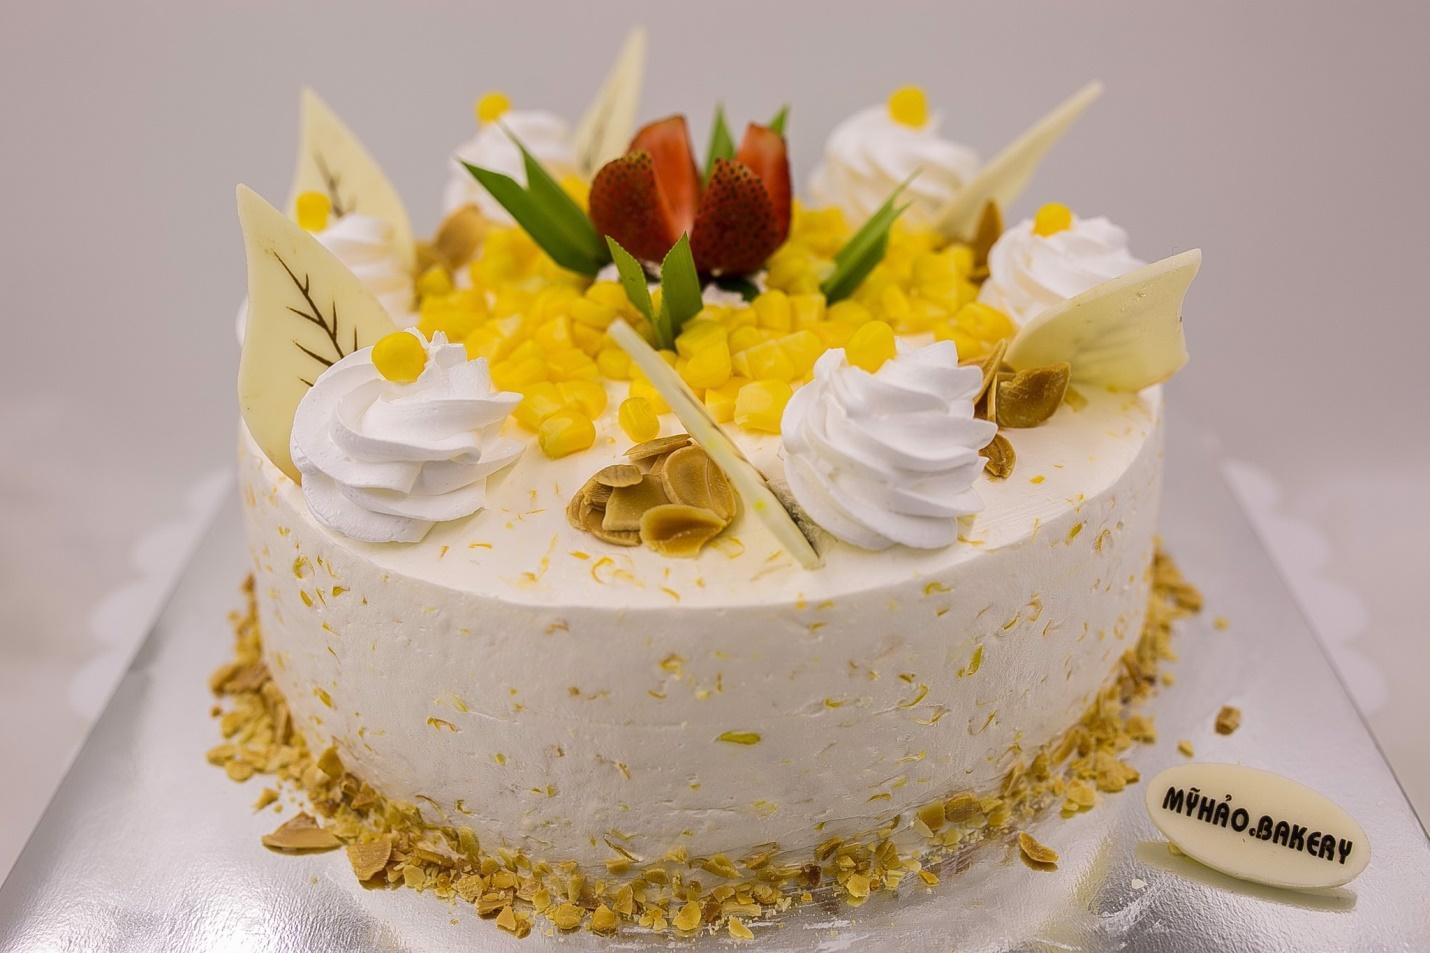 Bánh ngọt là gì? Và những loại bánh ngọt nổi tiếng trên thế giới